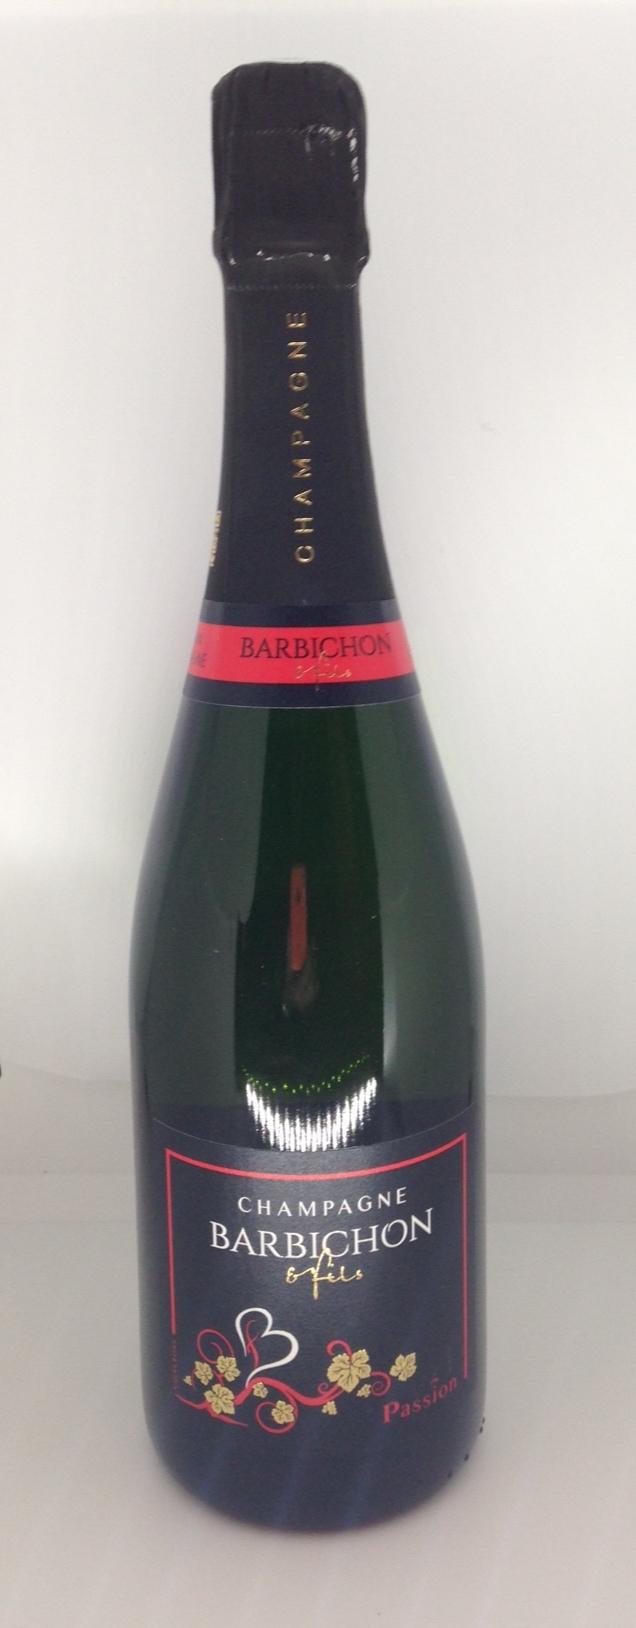 Champagne Barbichon et fils Passion - Carton de 6 bouteilles